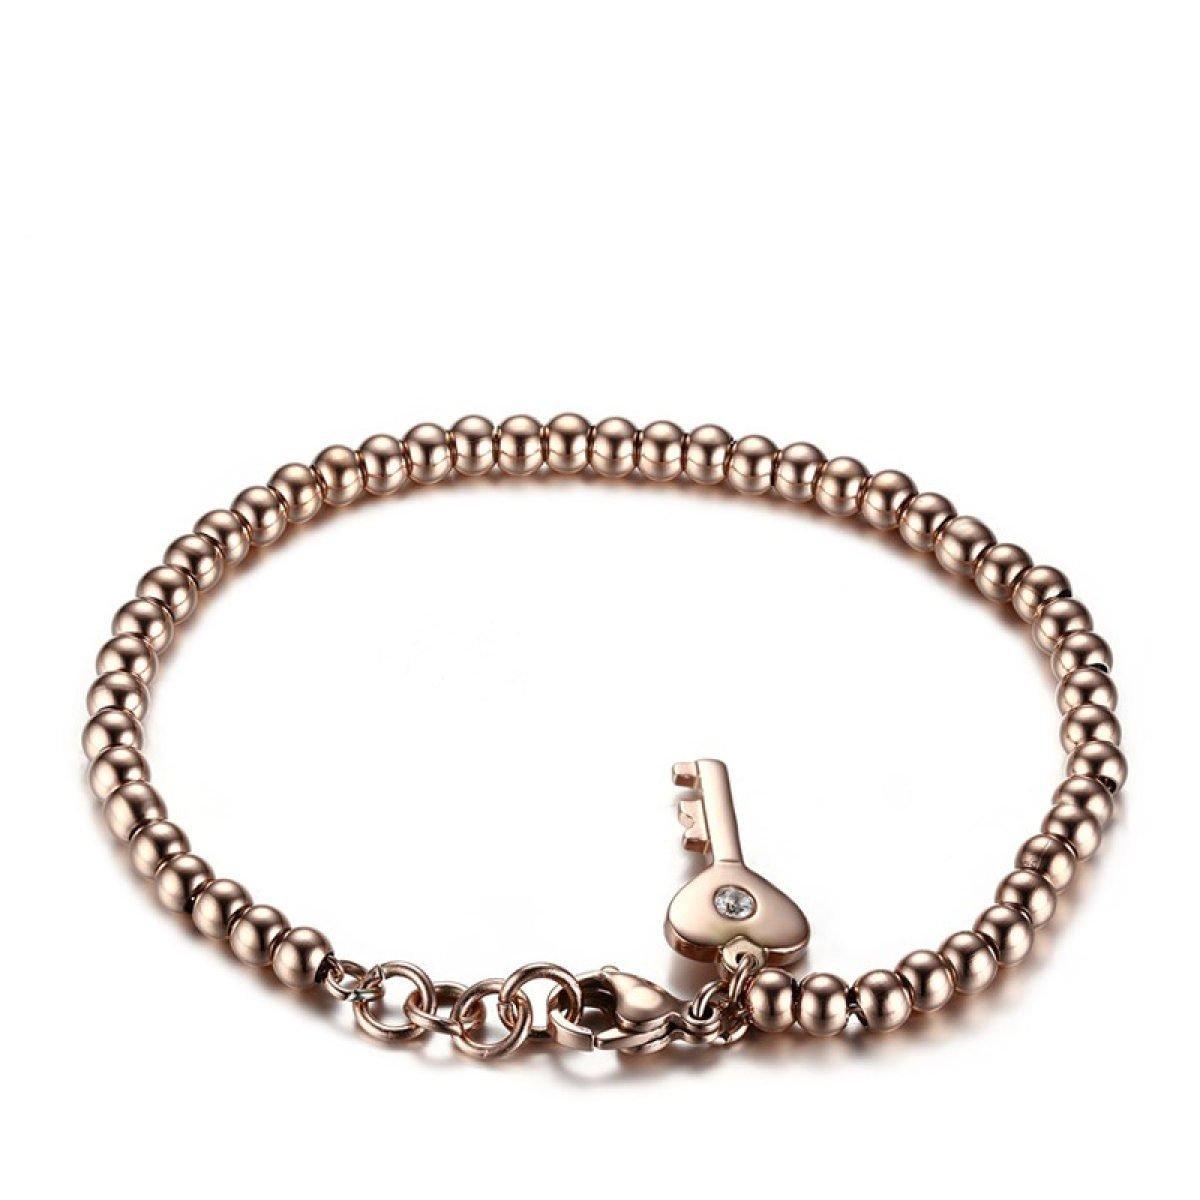 WenL Inossidabile Delle Donne Braccialetto Di Perline In Oro Rosa Lunghezza 19 Centimetri